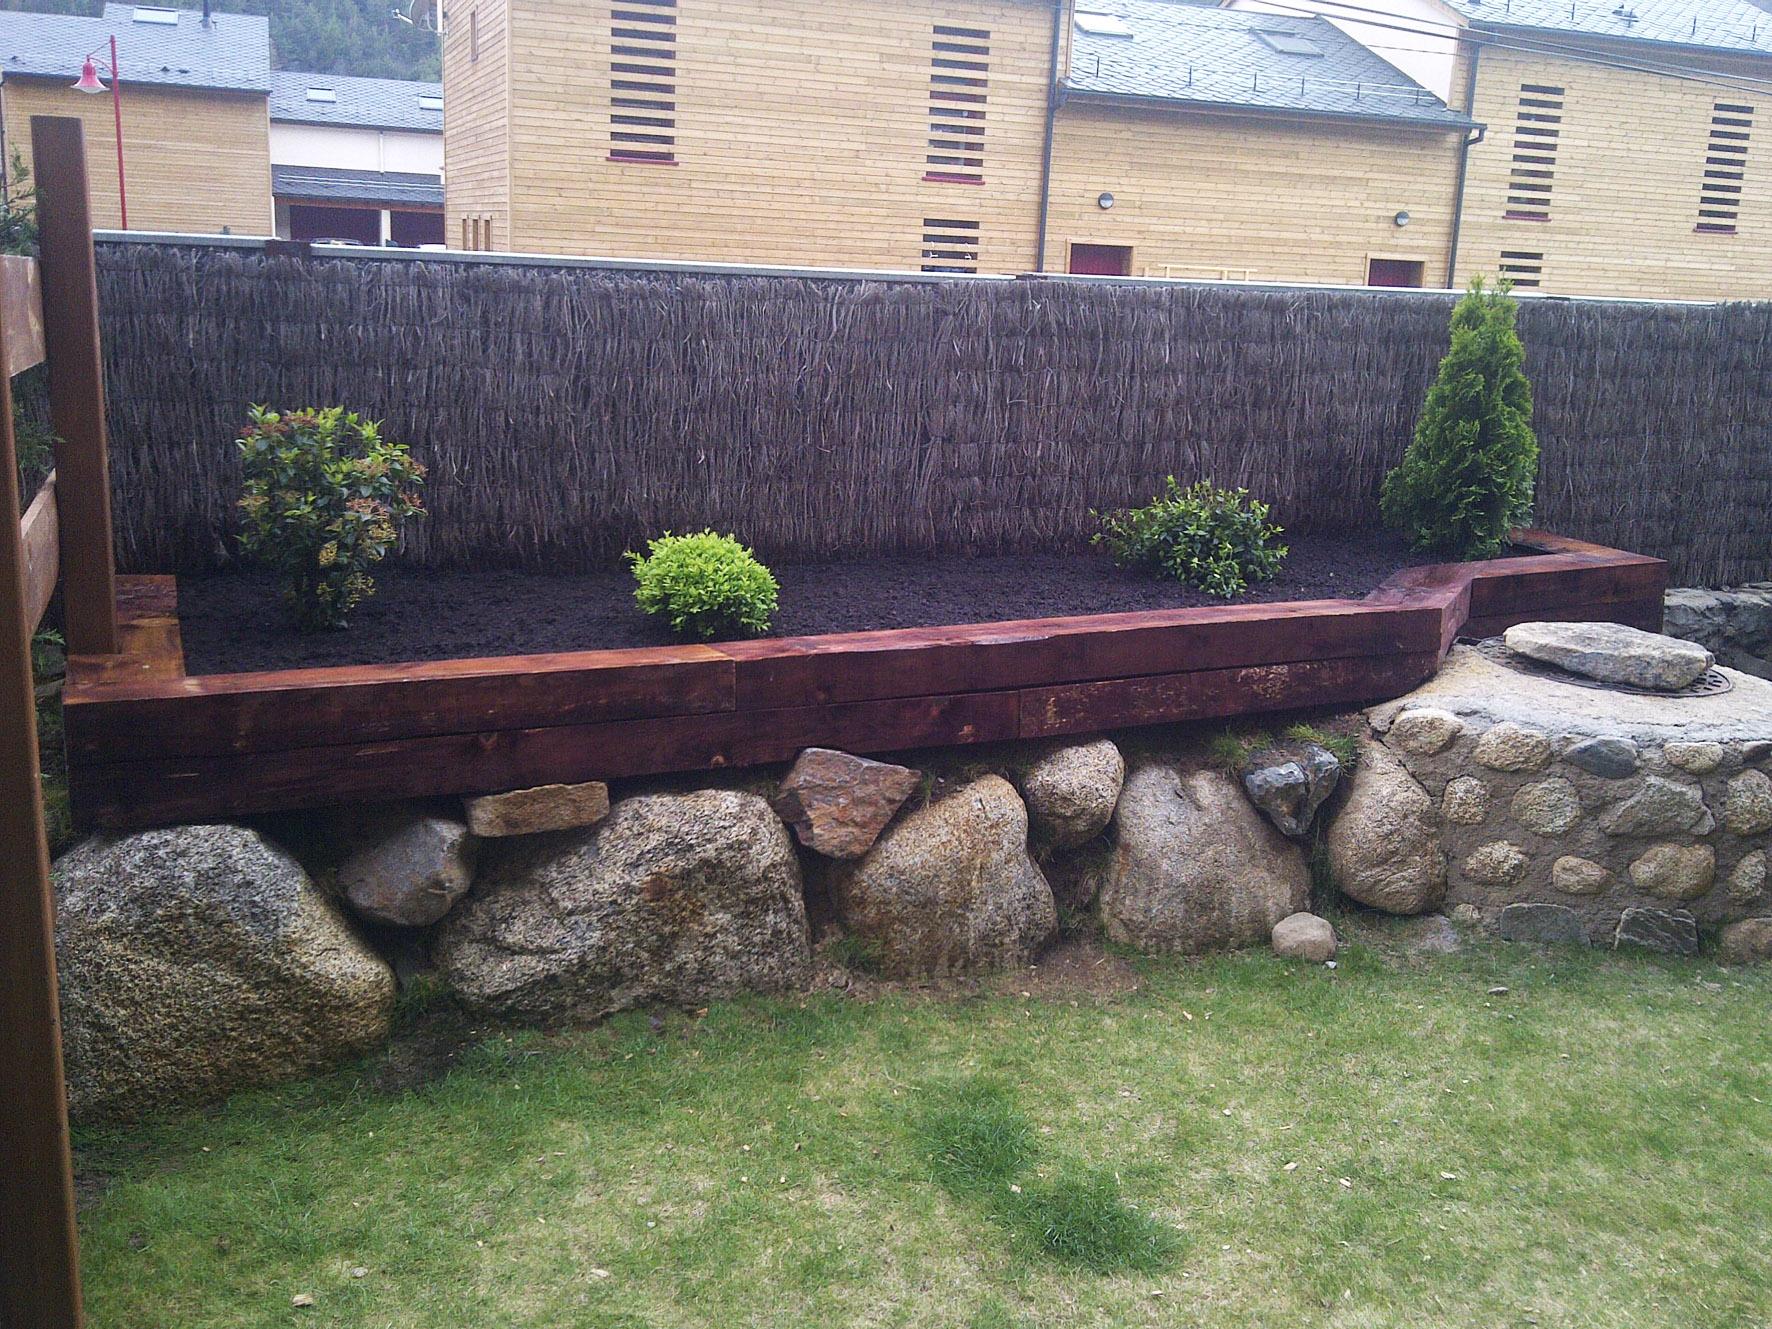 Jardines y terrazas quercus jardiners for Antorchas para jardin precio